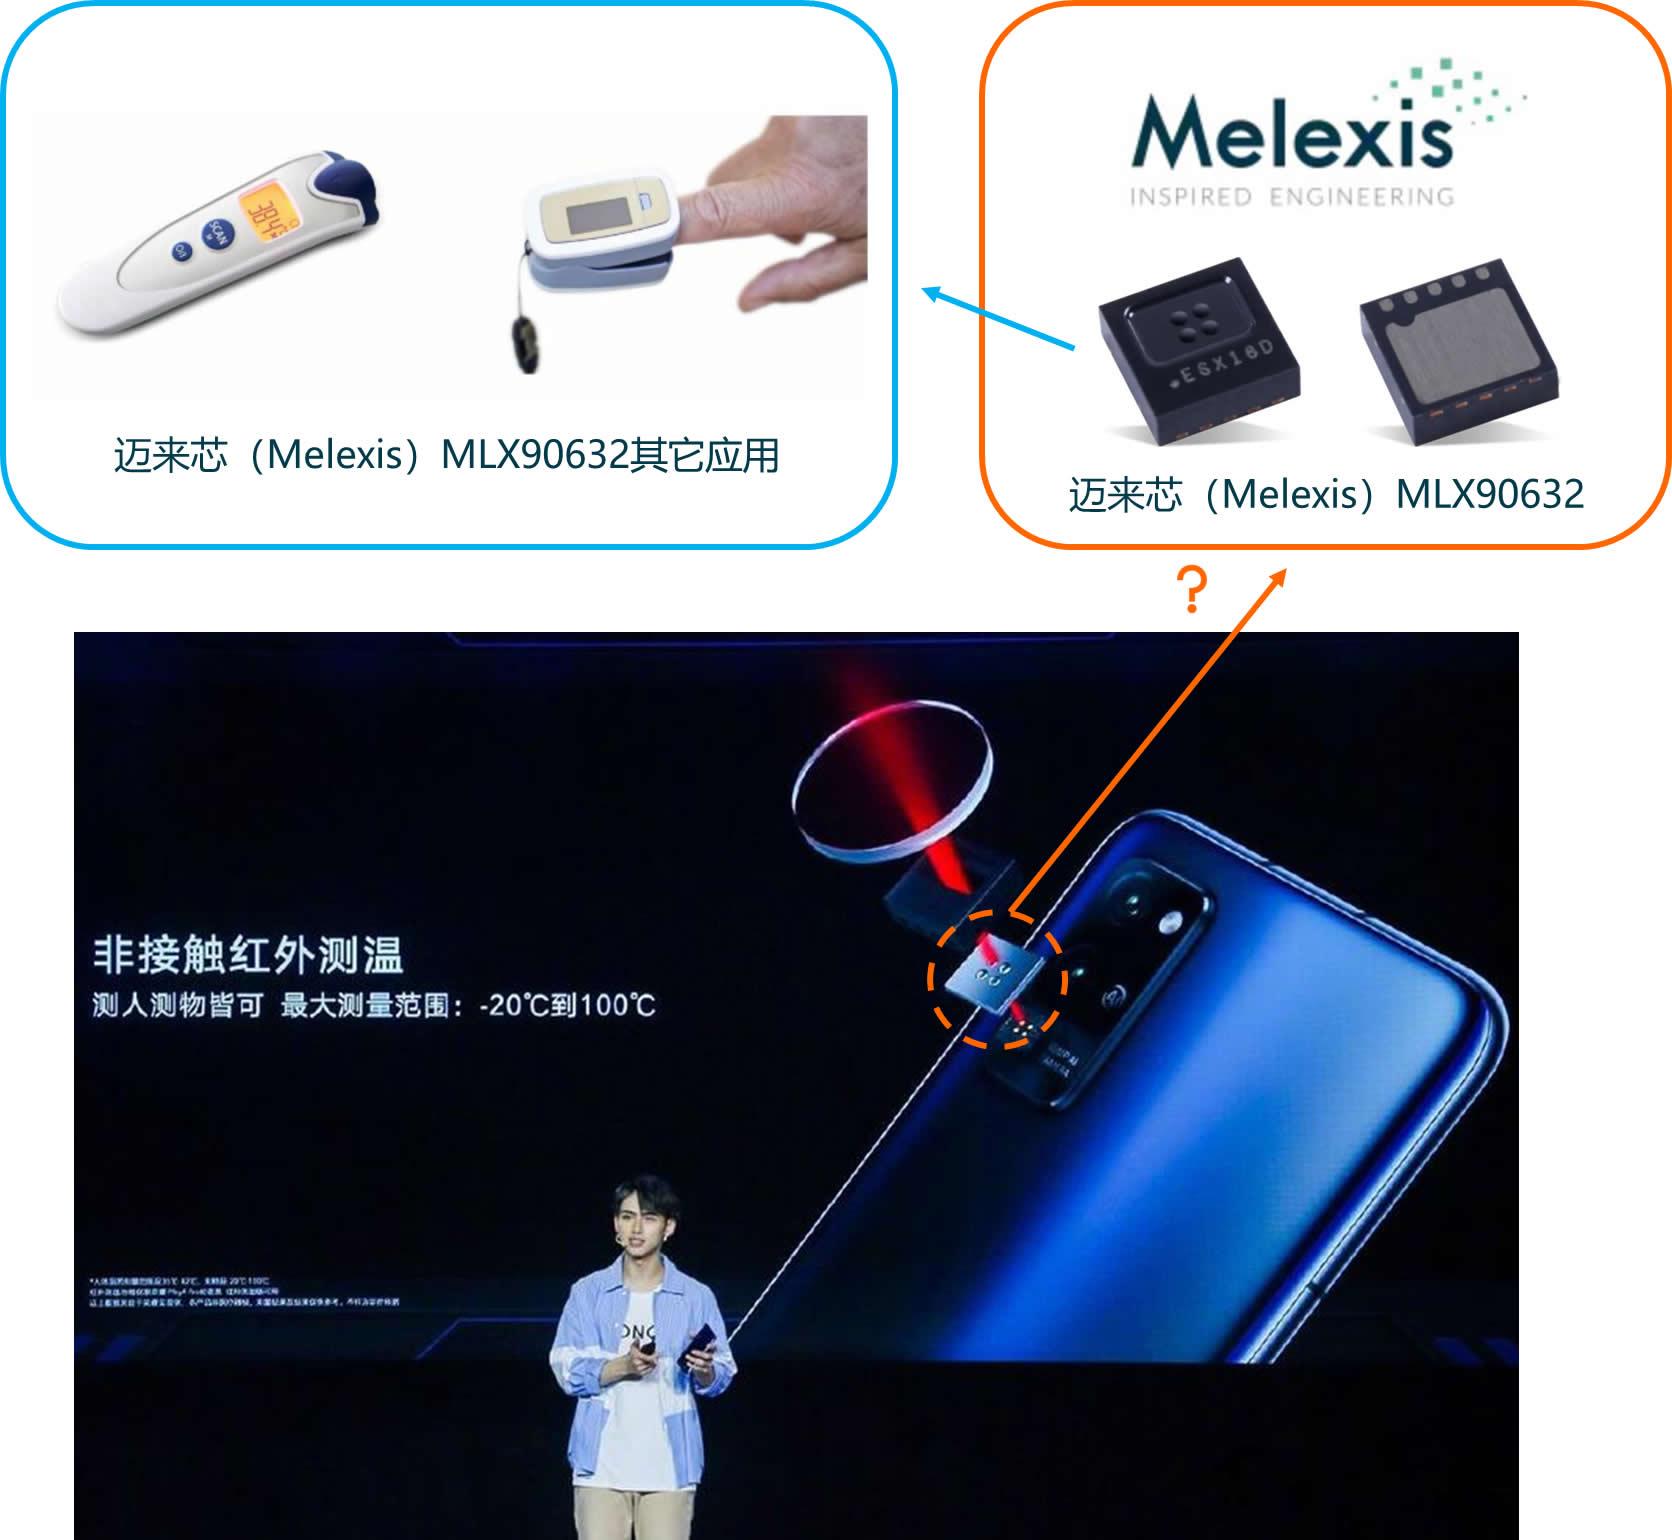 荣耀Play4 Pro红外测温版集成热电堆探测器,猜测是迈来芯(Melexis)MLX90632